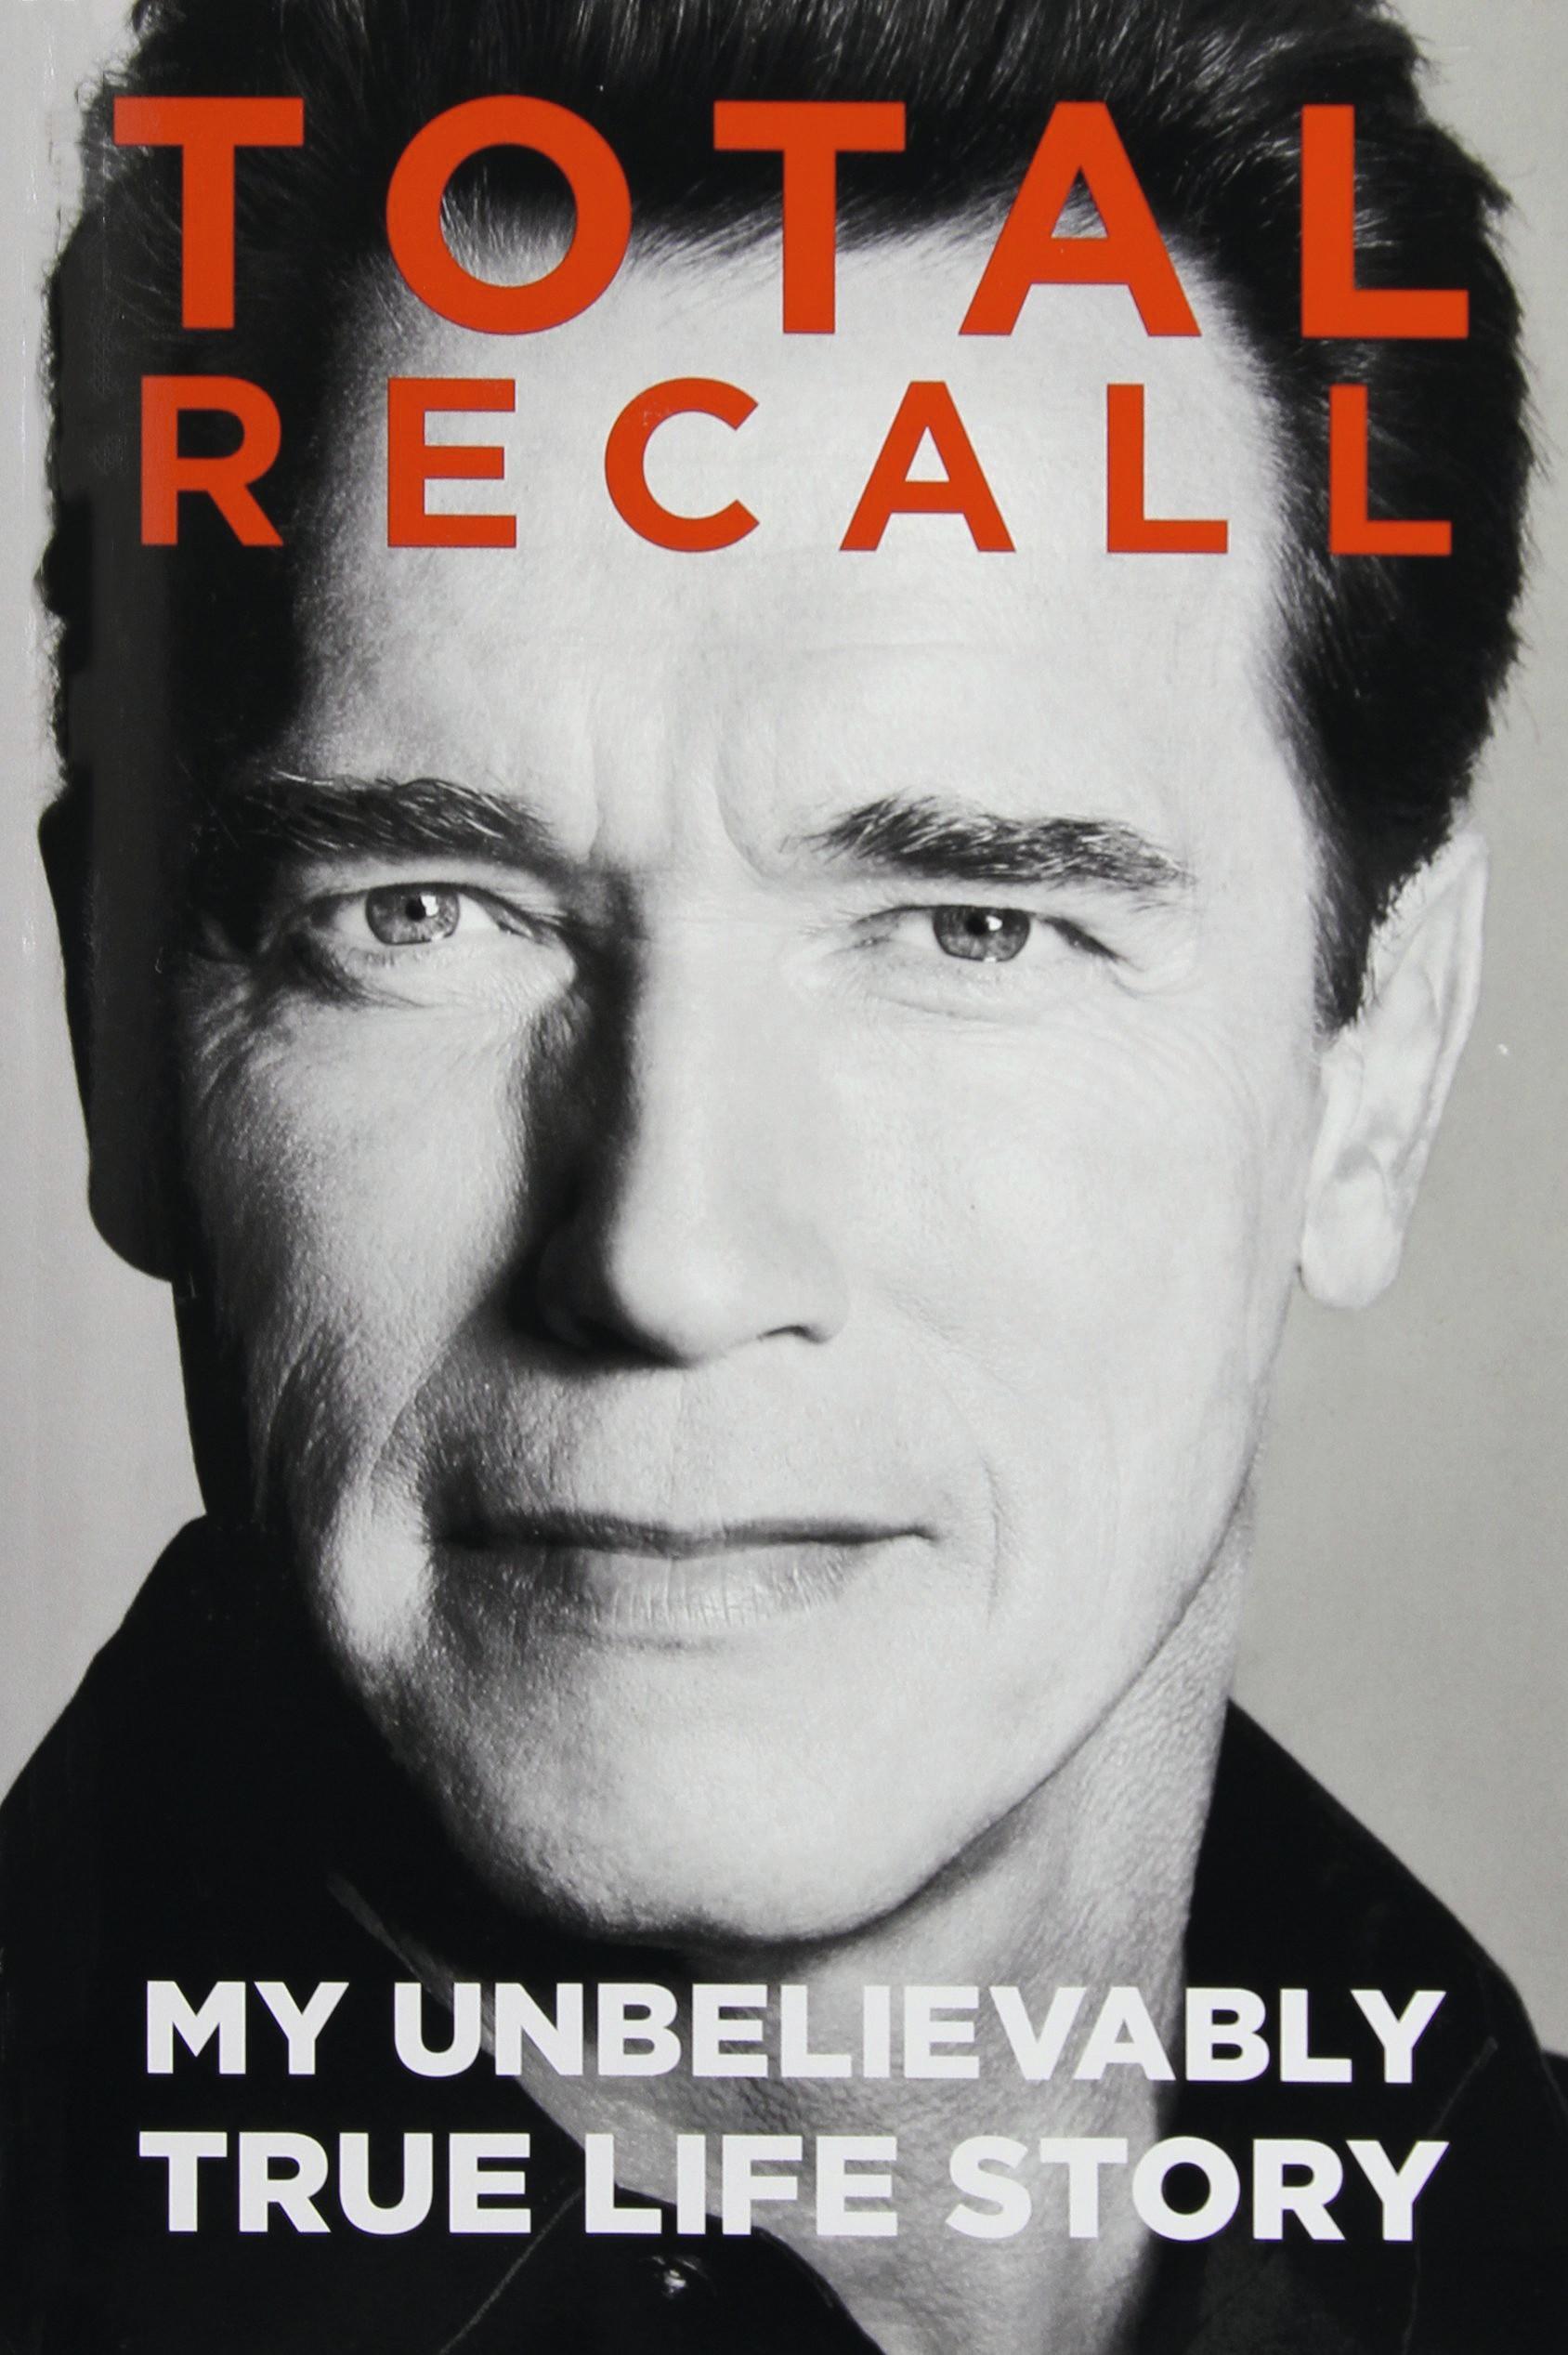 My Unbelievably True Life Story, Arnold Schwarzenegger, 2012